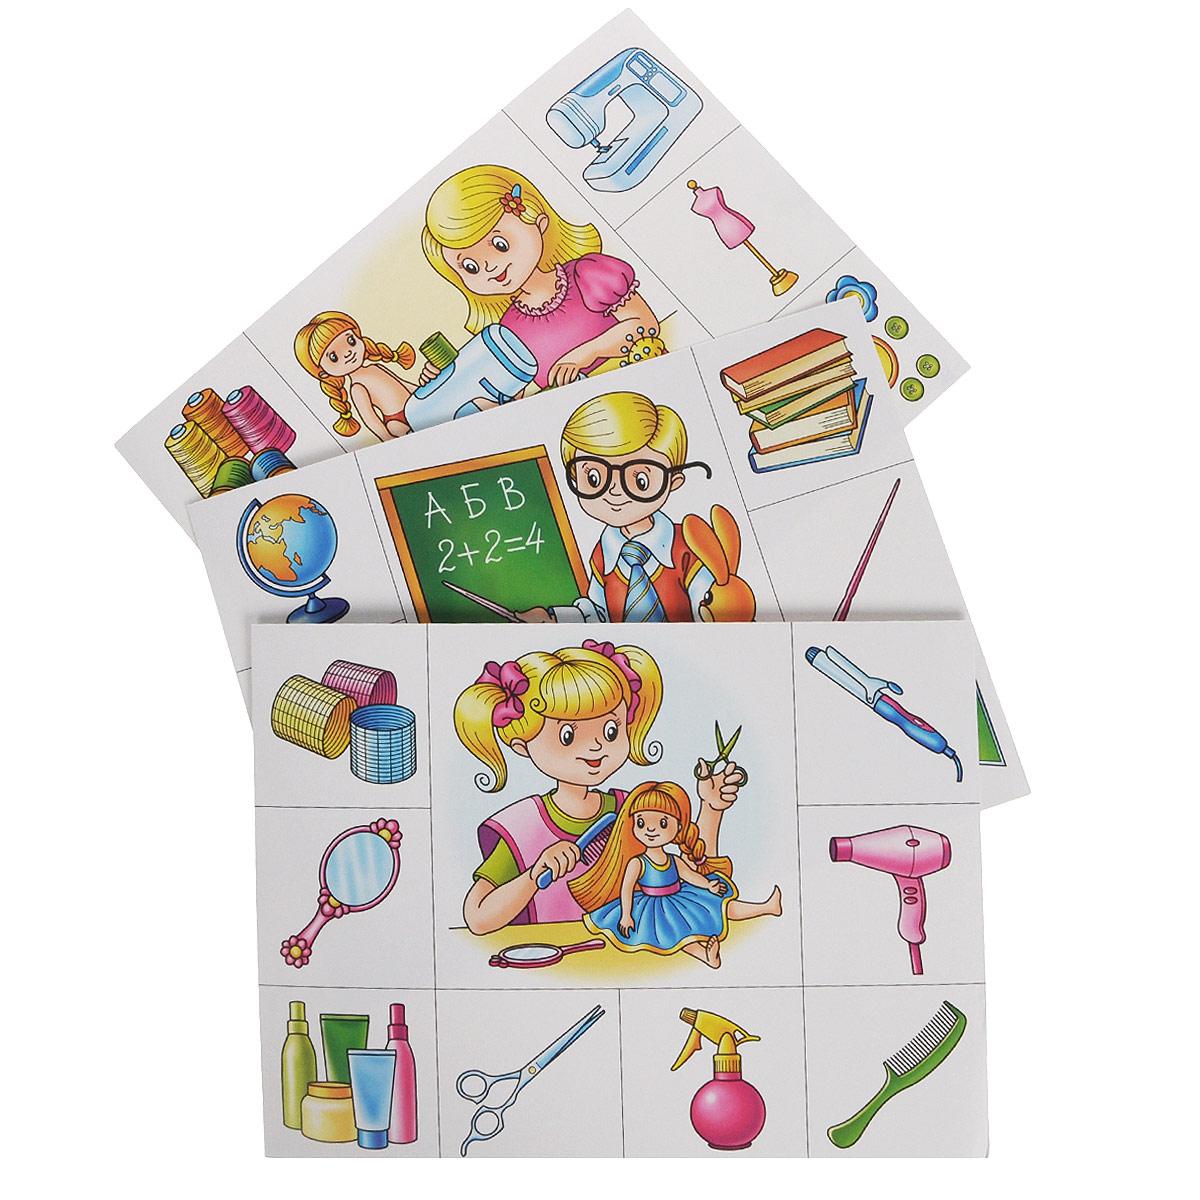 Профессии. Детское лото (набор из 54 карточек)